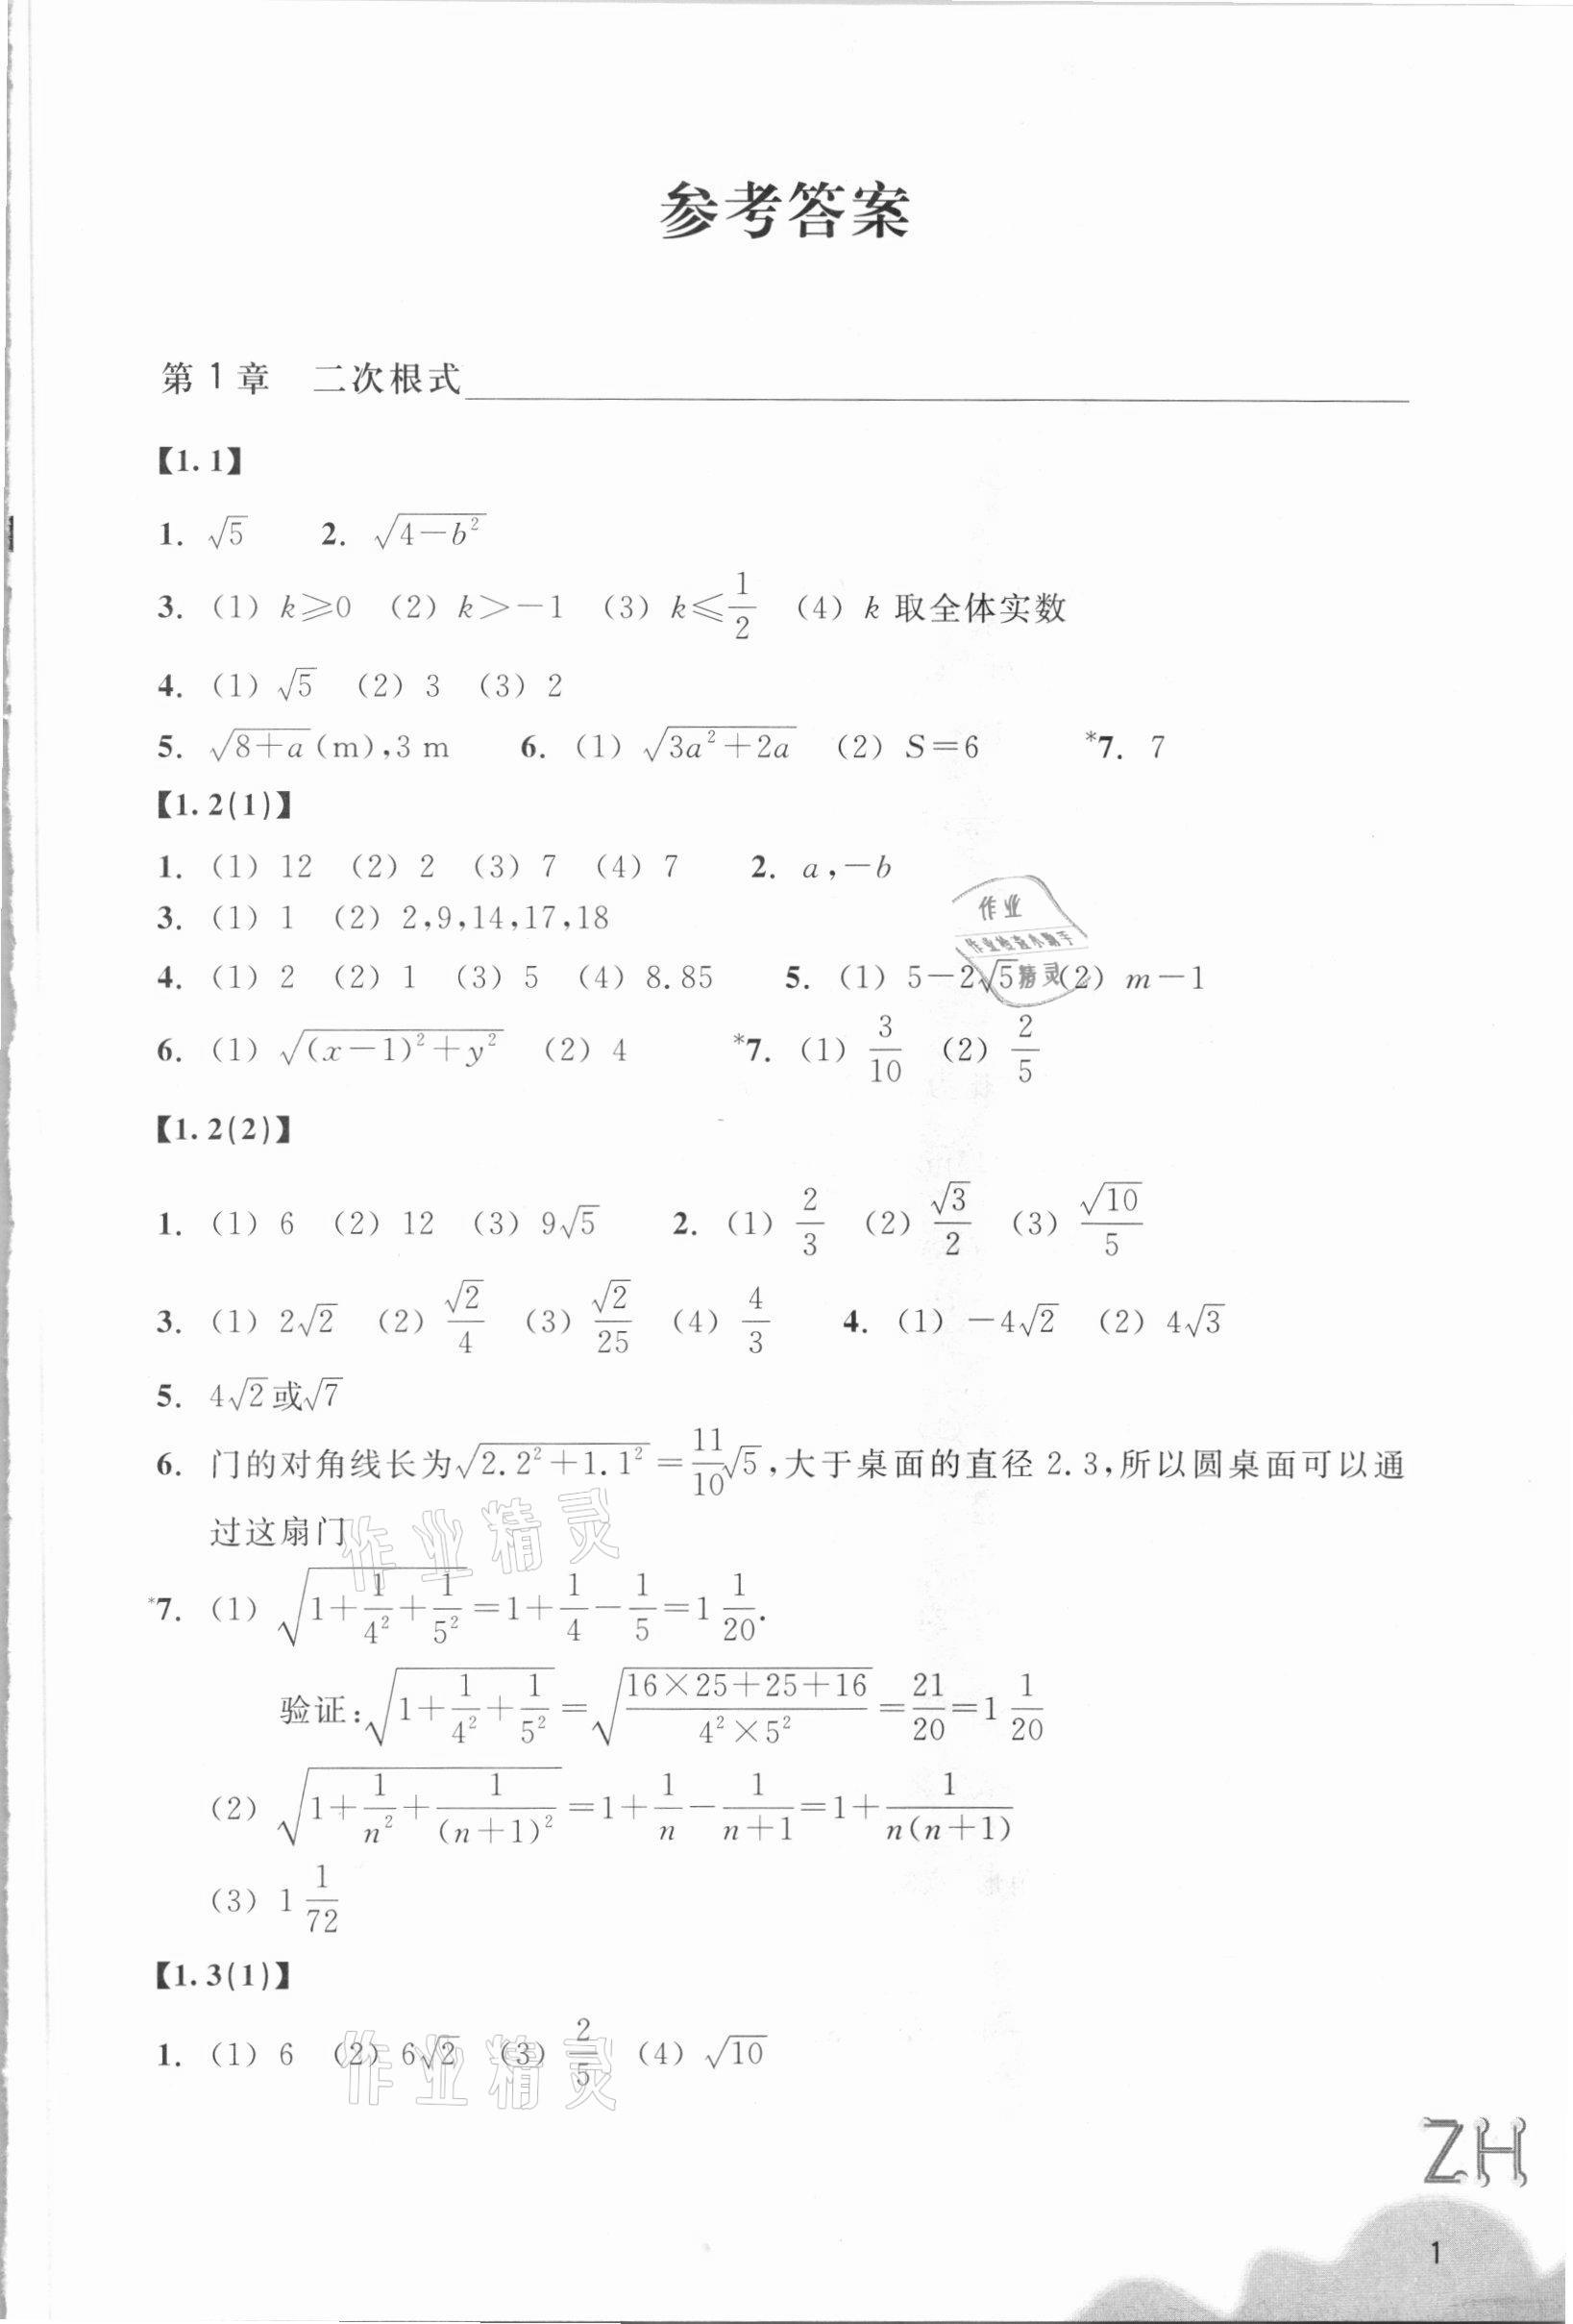 2021年作业本浙江教育出版社八年级数学下册浙教版第1页